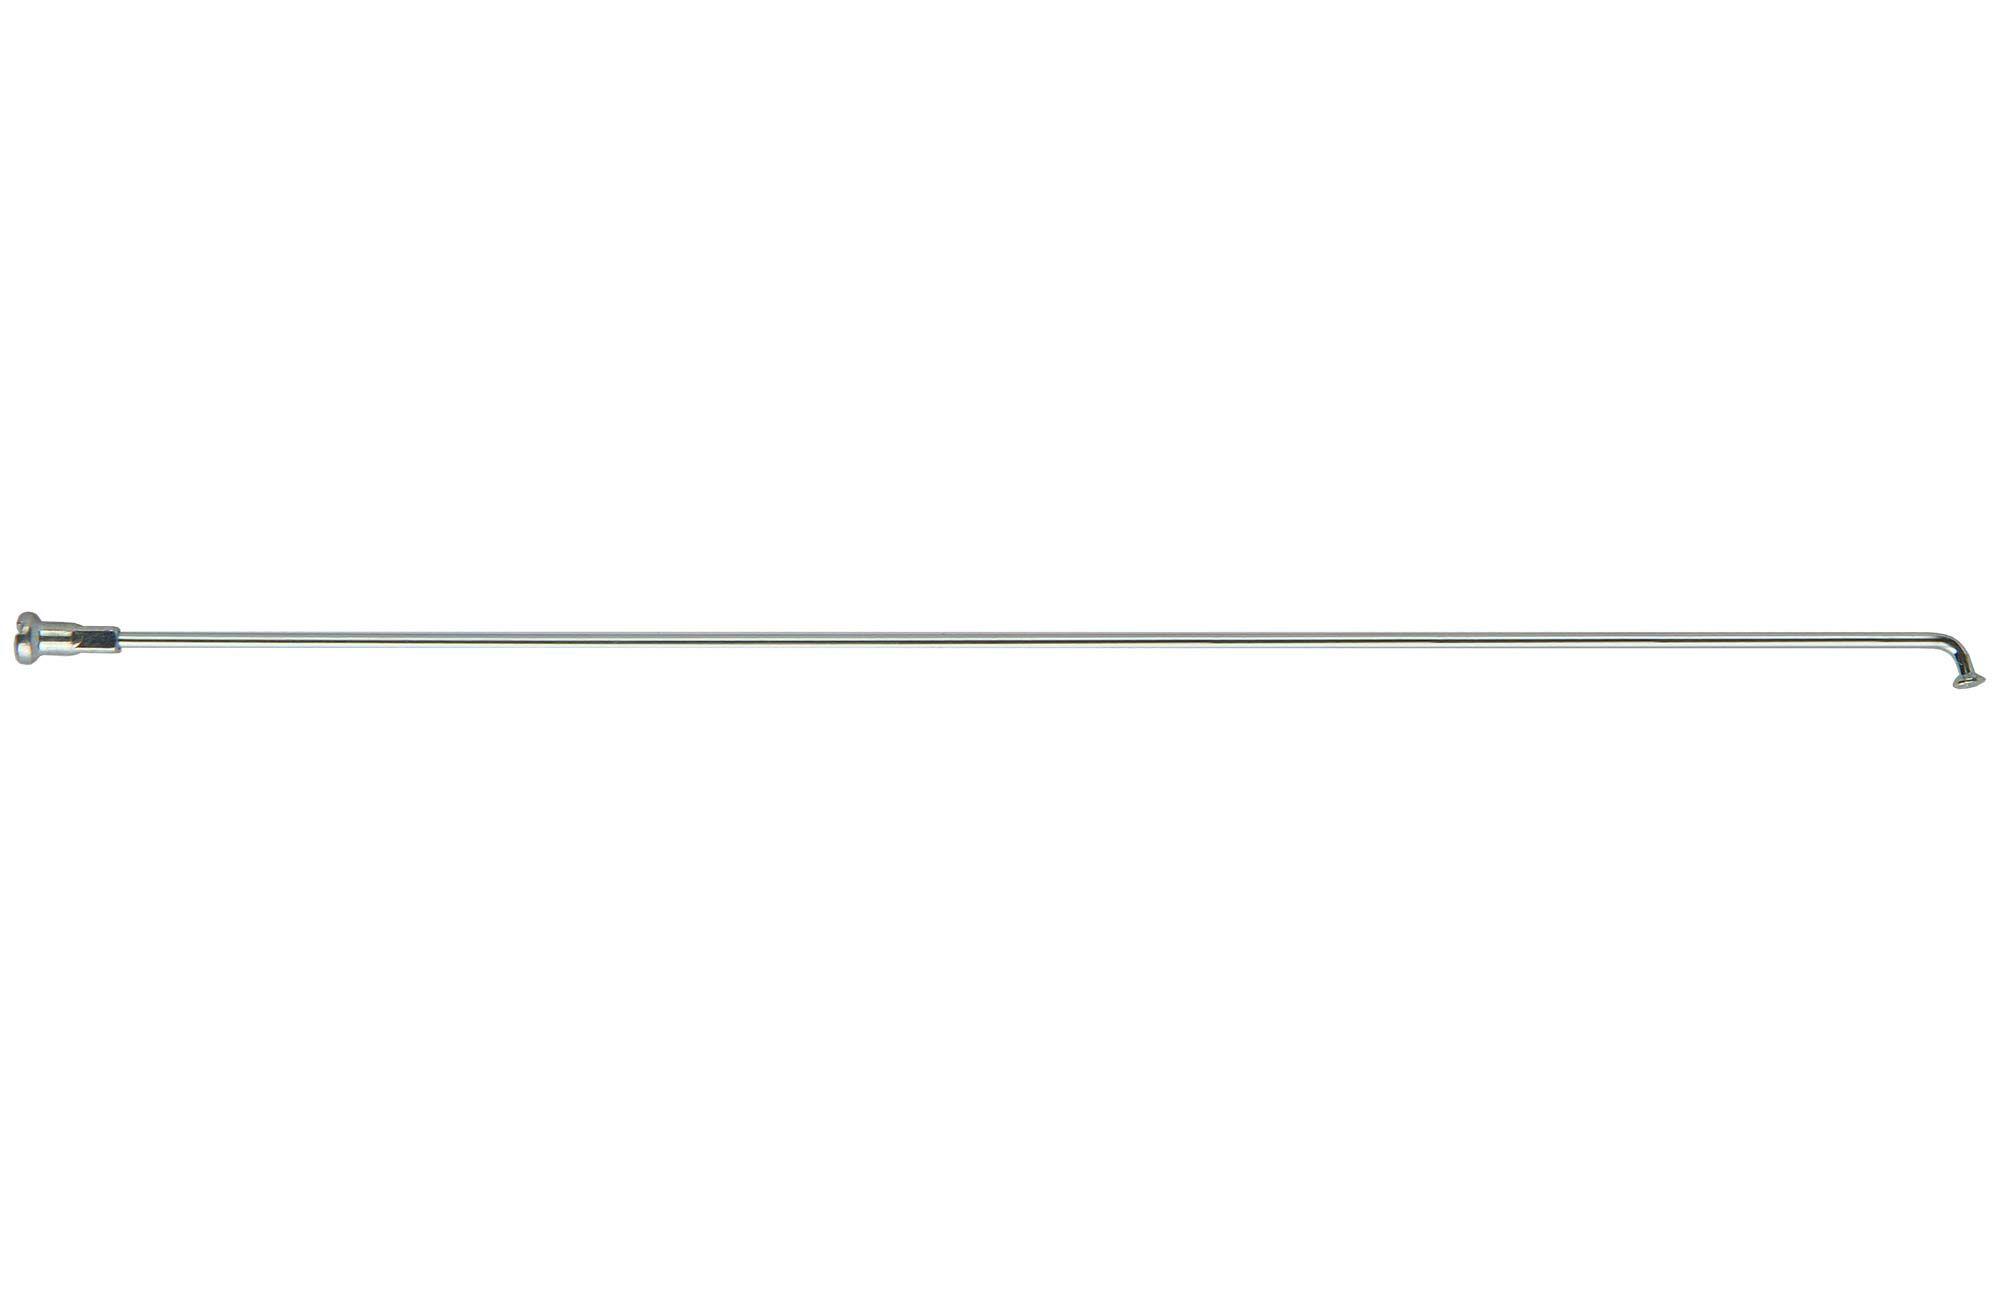 Запчасть Stels с ниппелем 235 мм 24 запчасть stels с ниппелем 235 мм 24